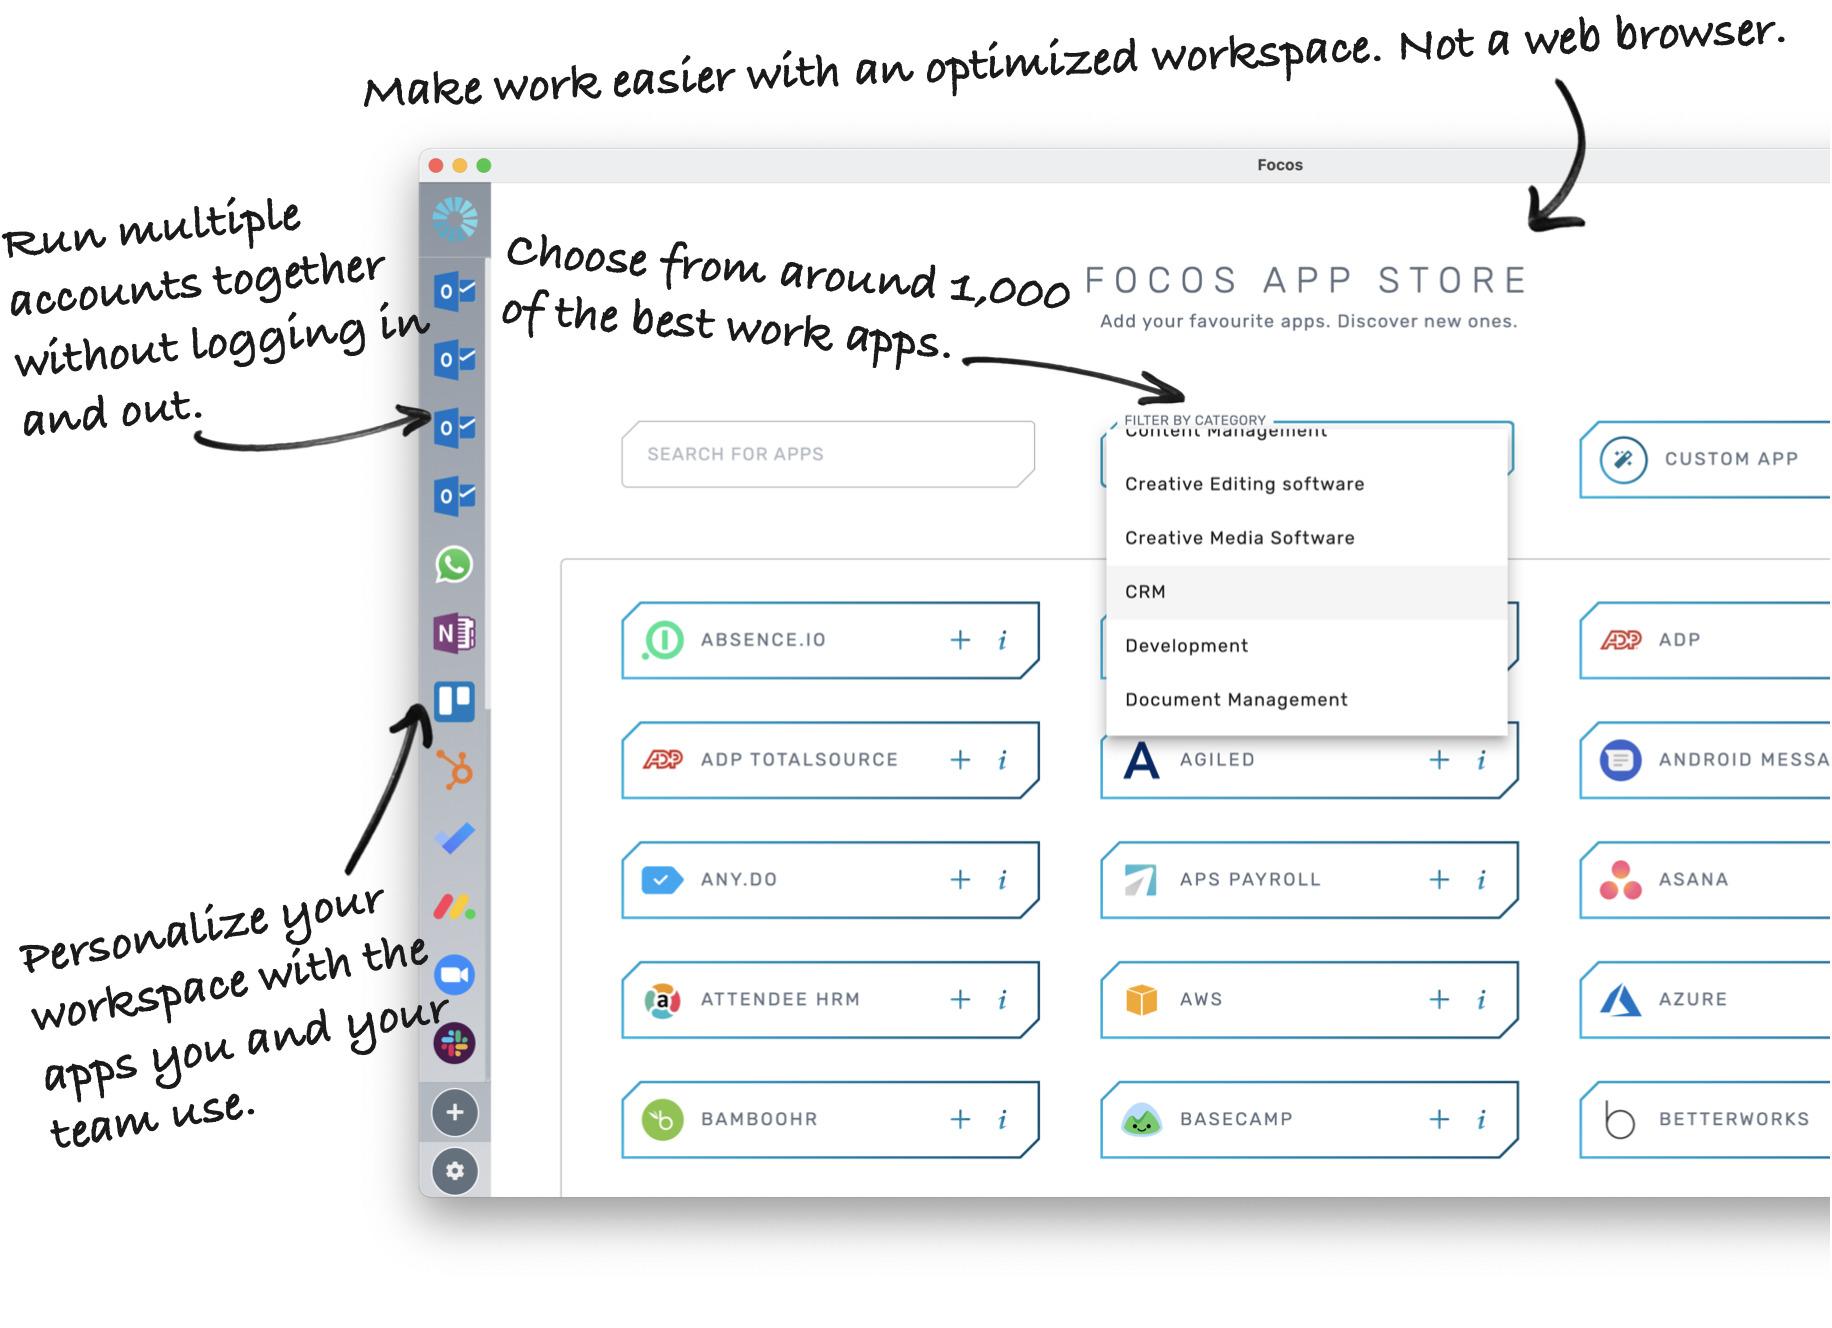 Work-optimised-workspace2-Foocs